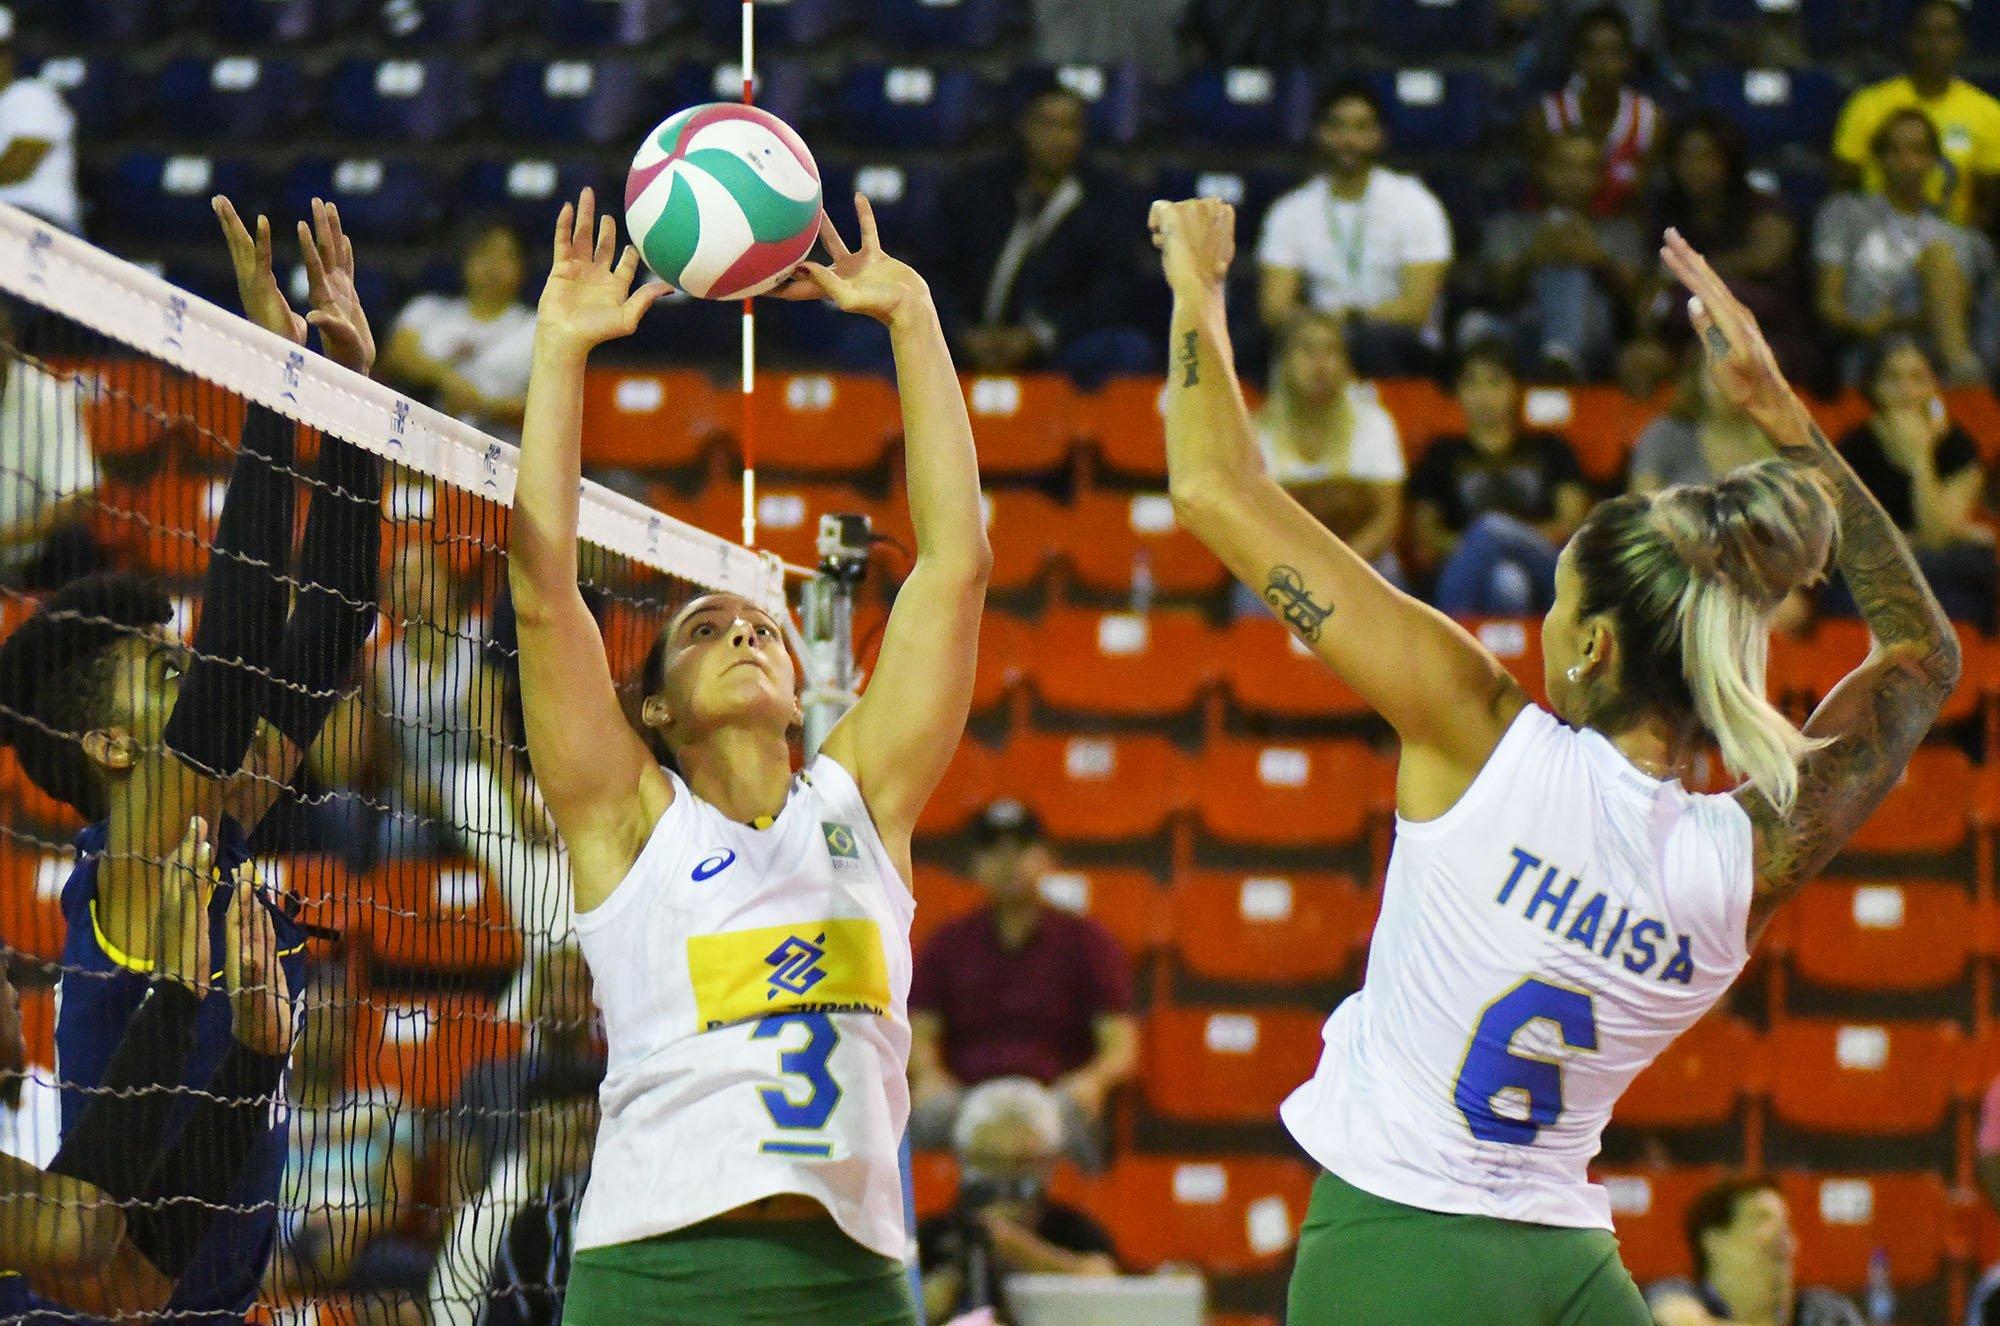 Imagem de Thaísa durante ataque da Seleção Brasileira